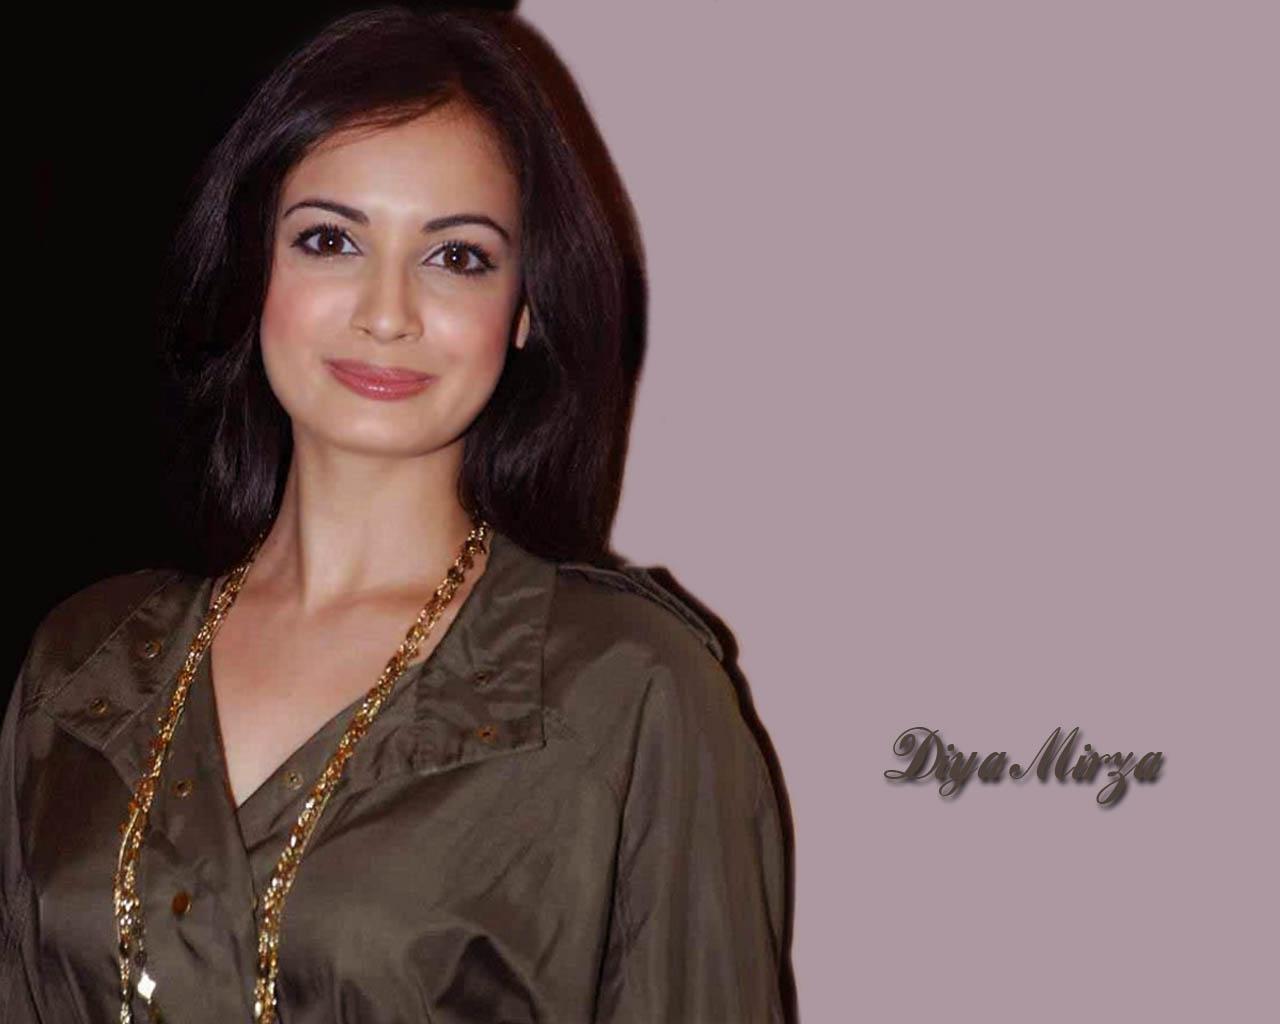 Hot And Sexy Bollywood Actress Diya Mirza Wallpapers  Huge Collection -8882